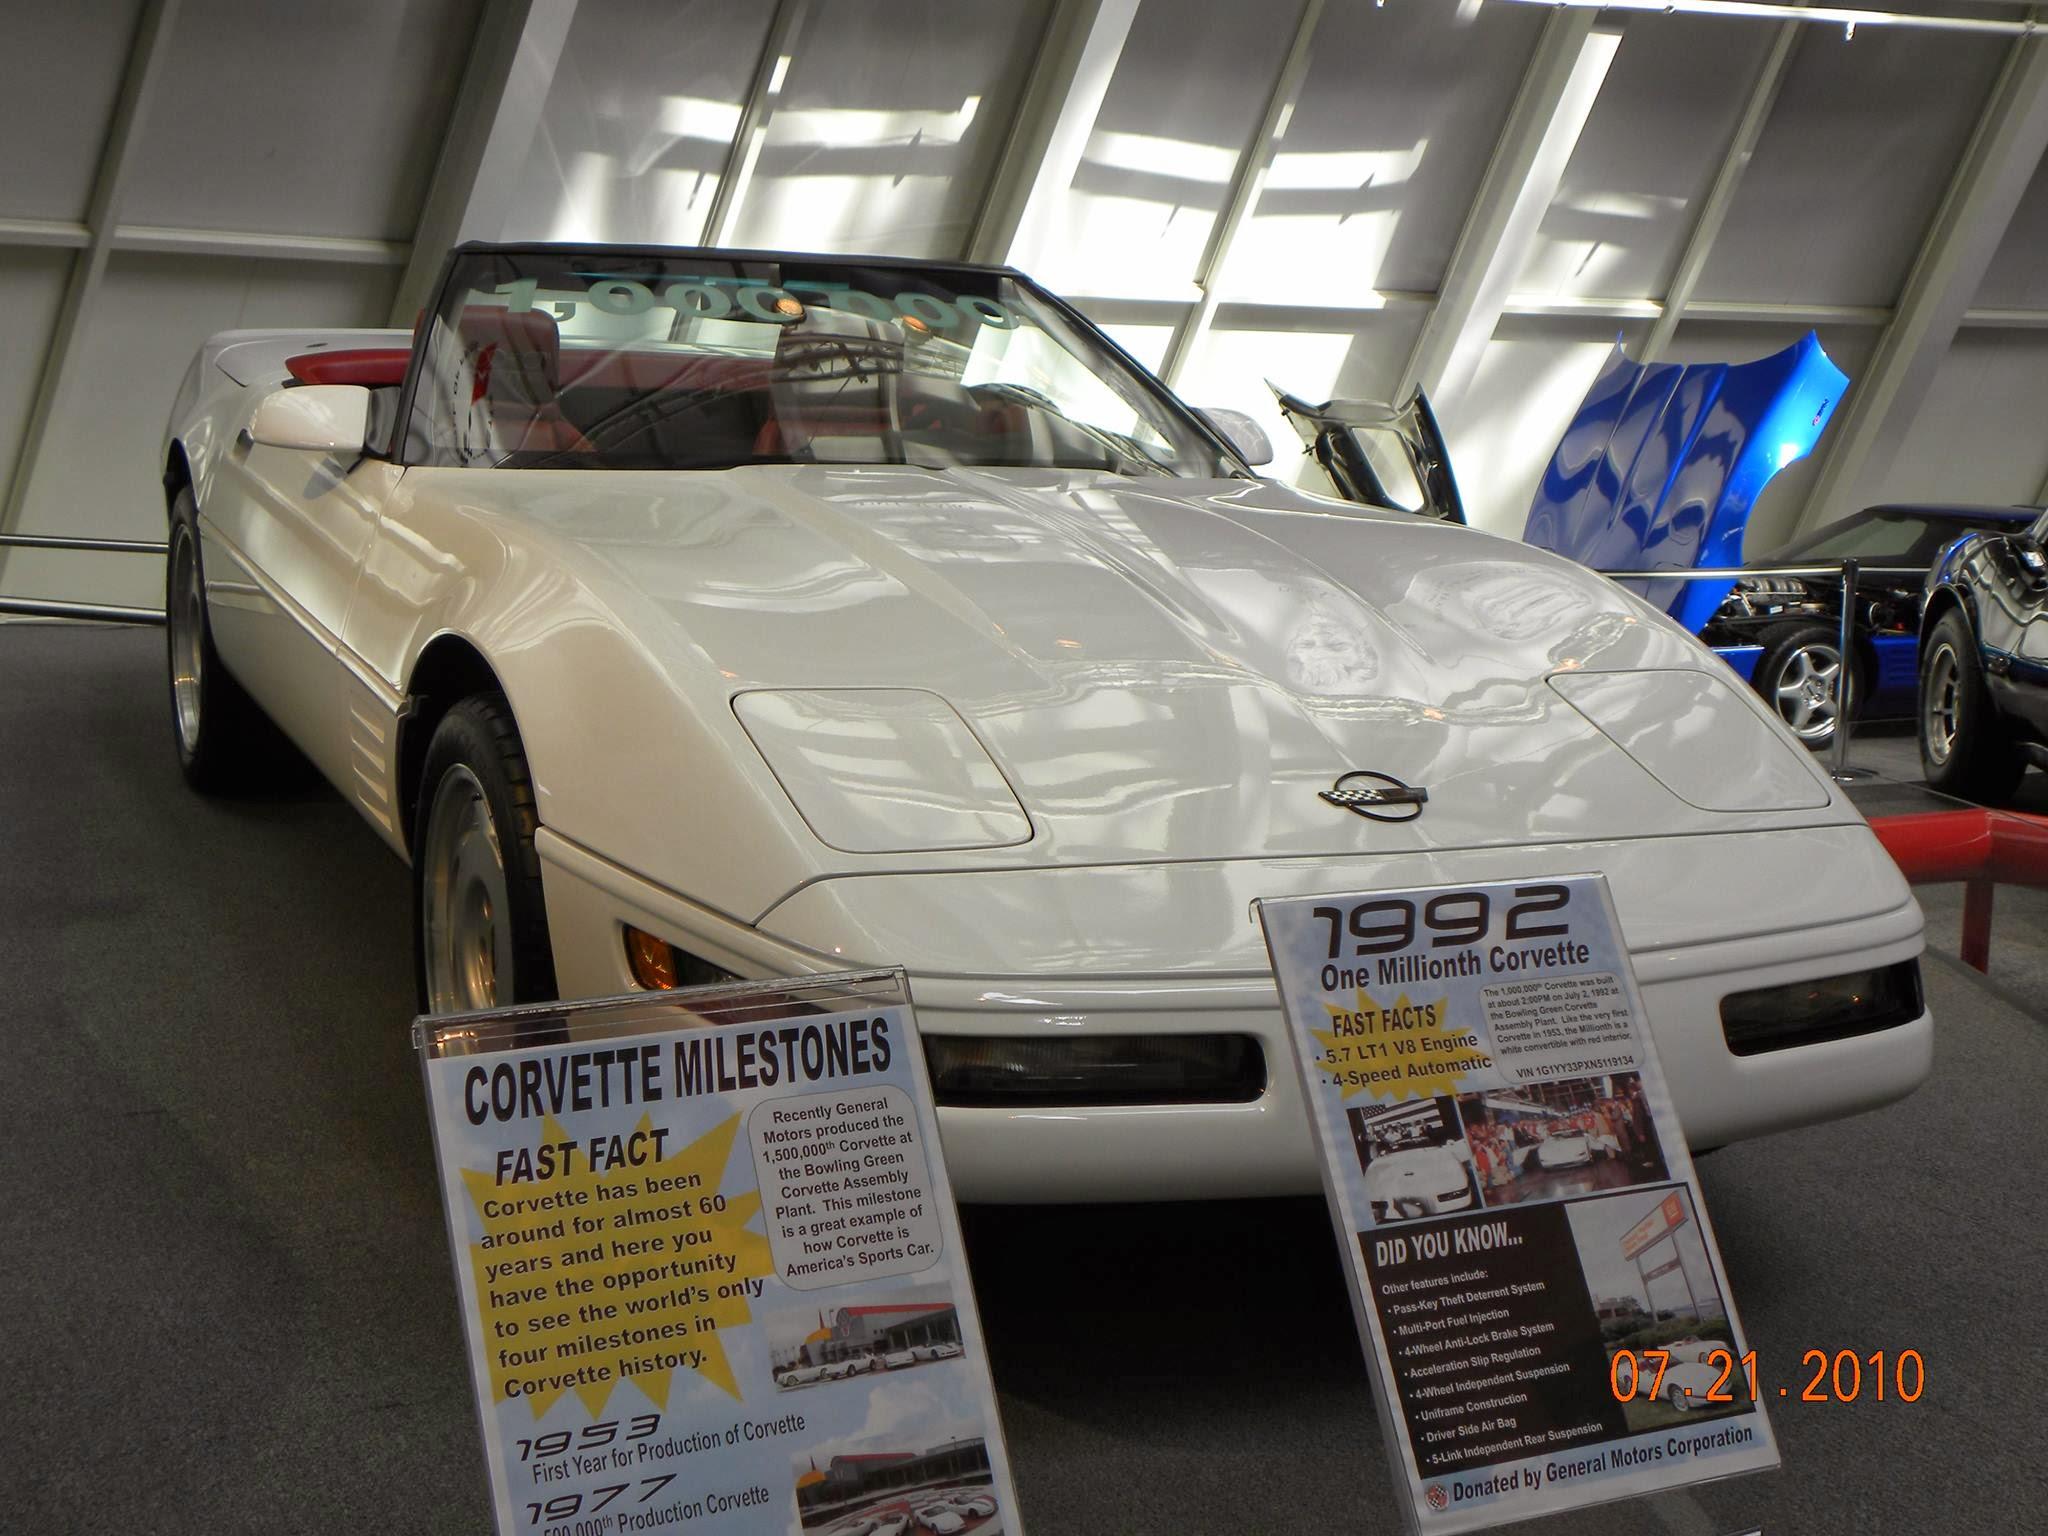 Photo: 1992 White 1 Millionth Corvette